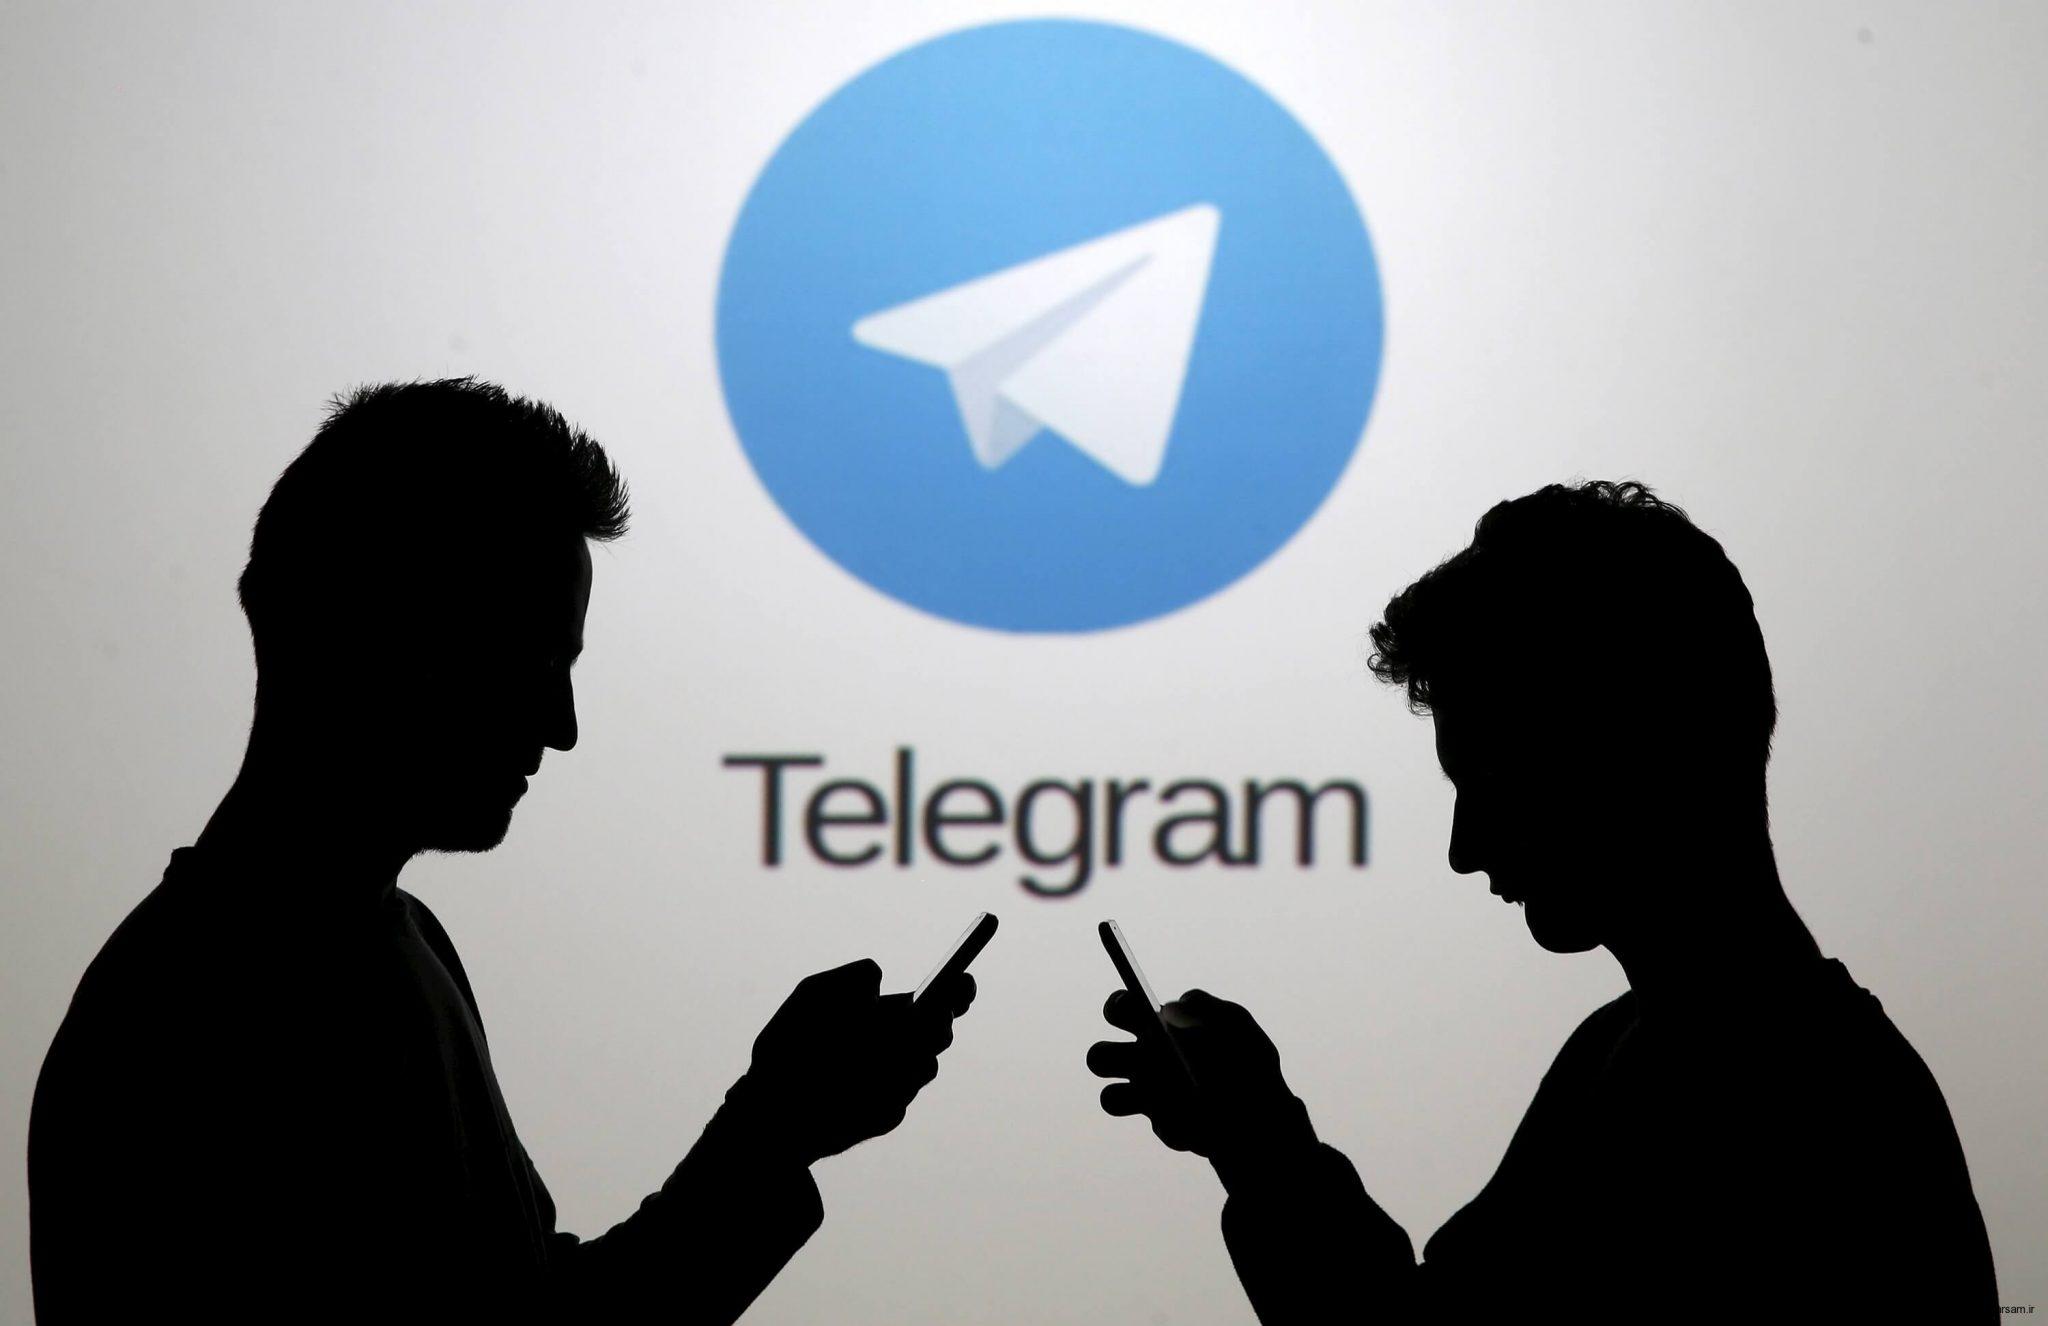 آموزش تغییر عکس پس زمینه تلگرام